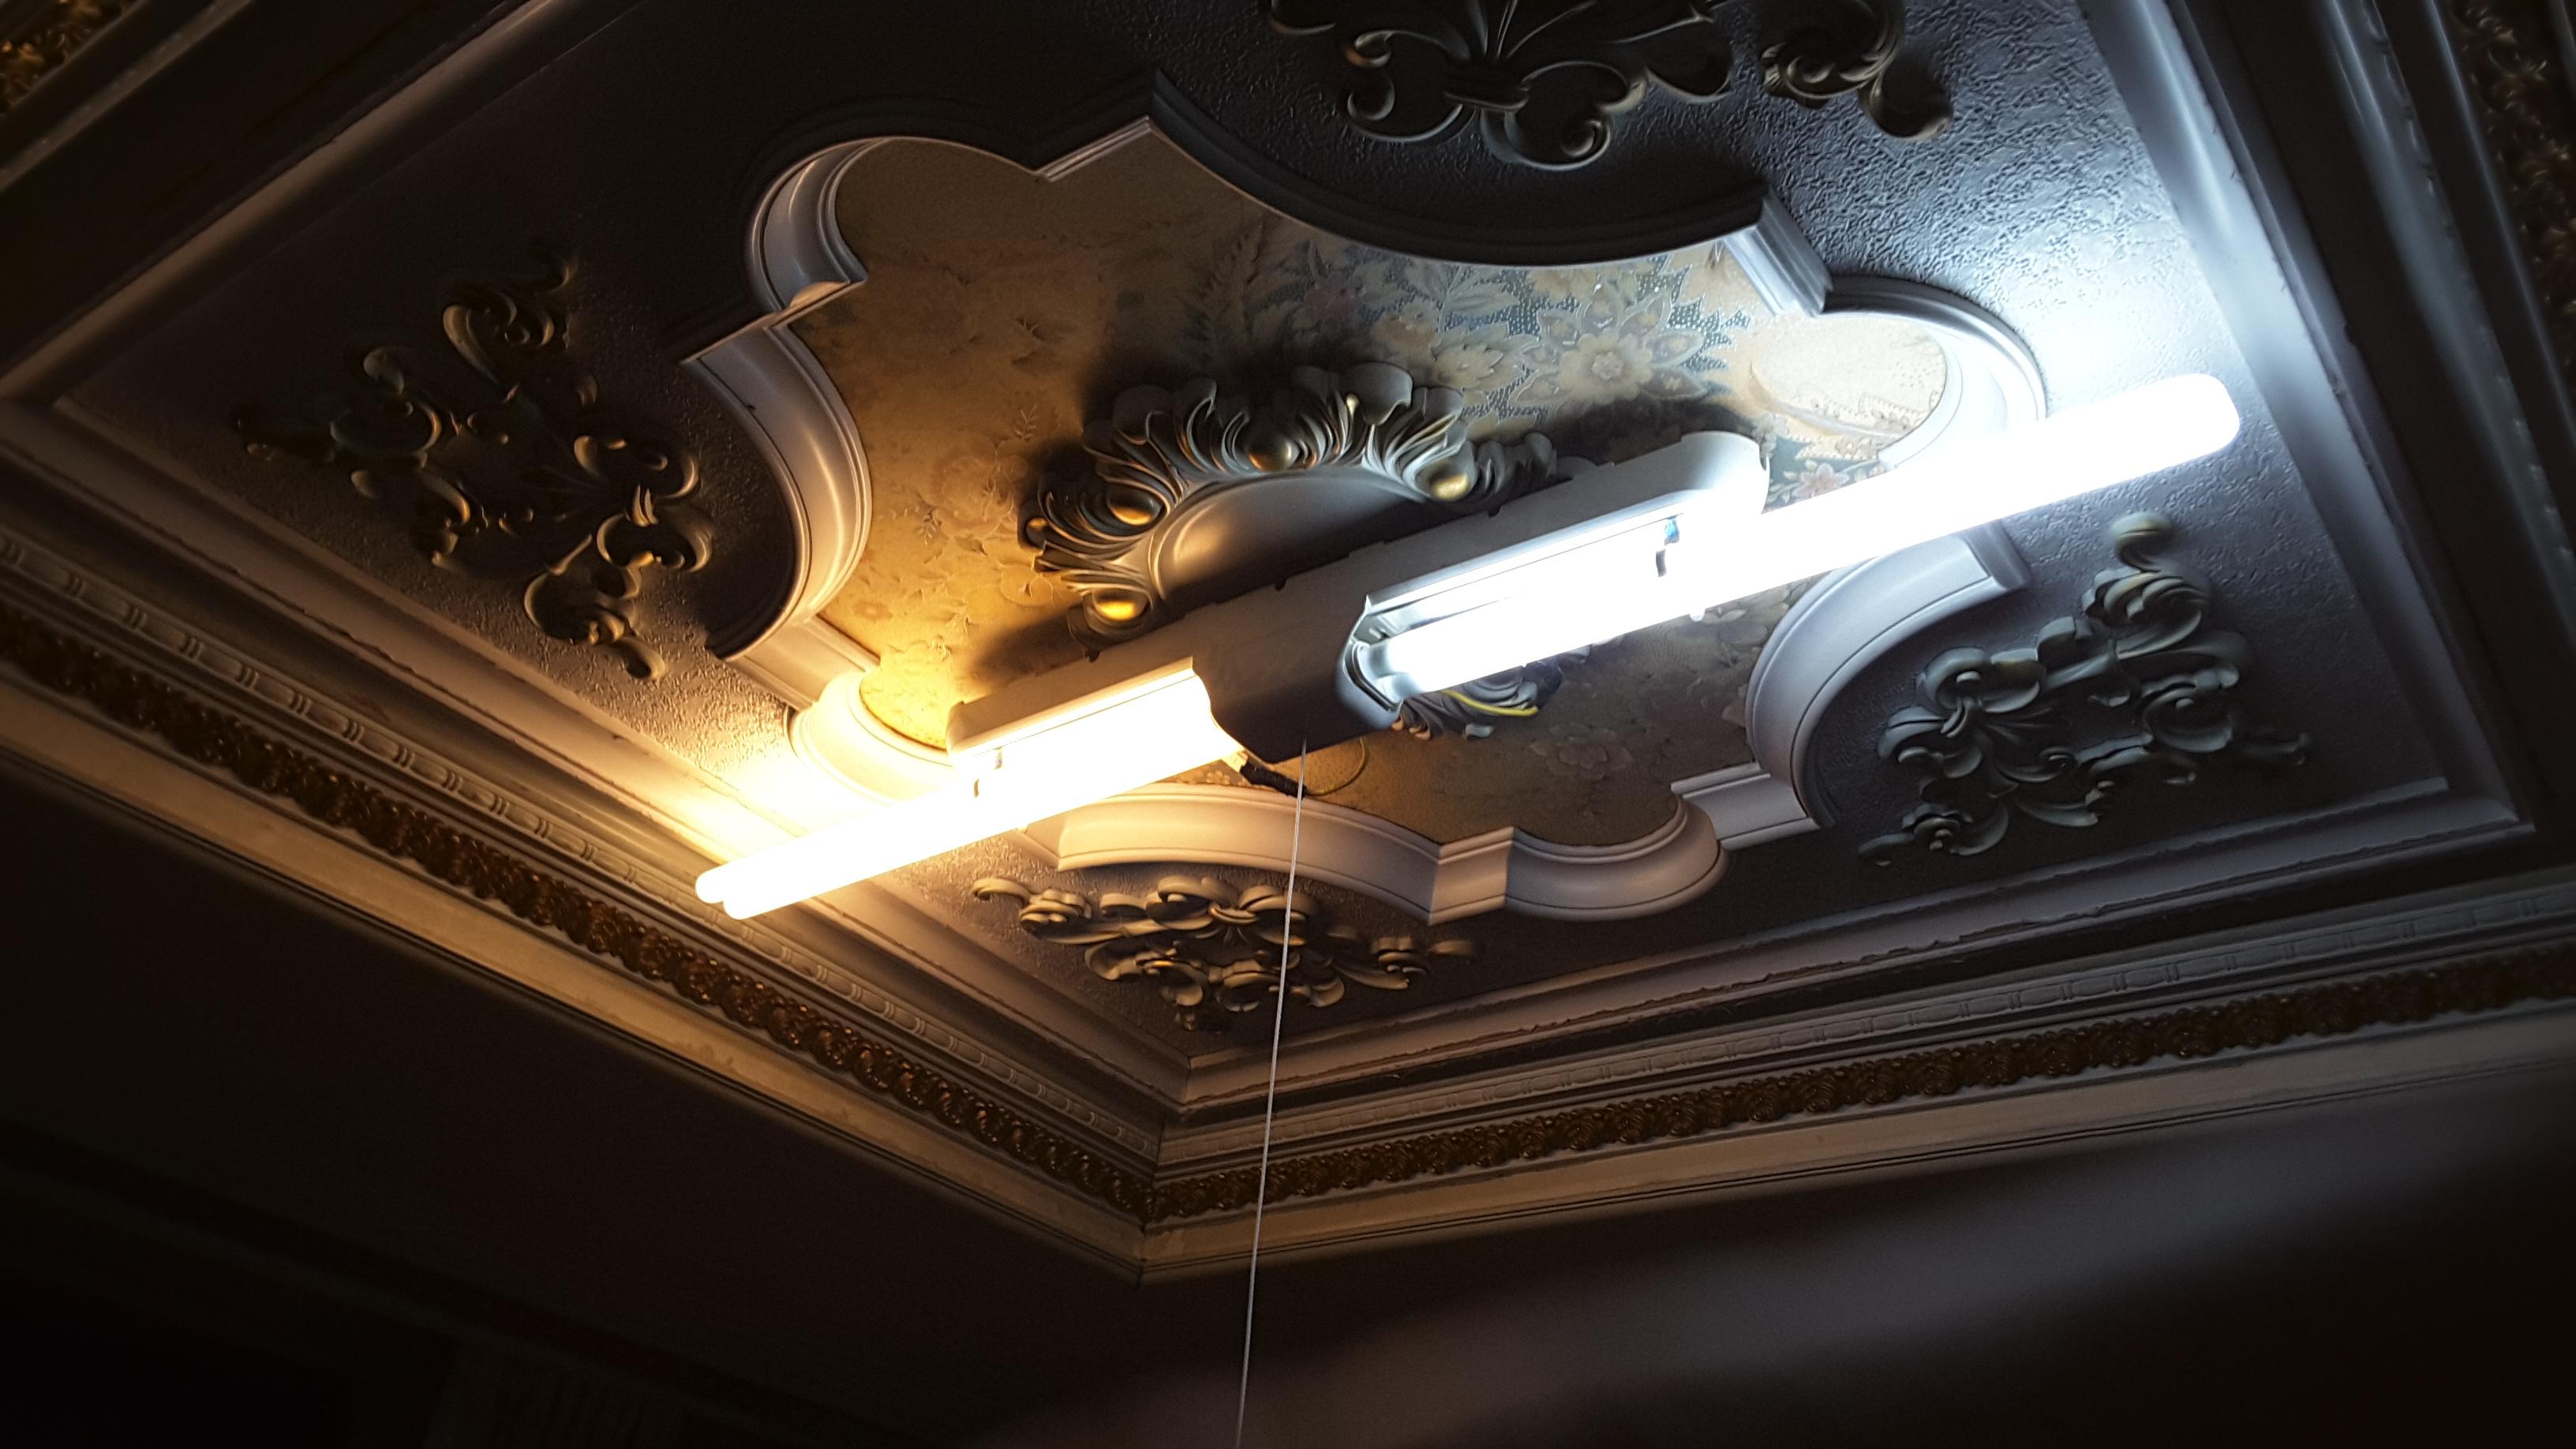 깨어난 포스 개봉 기념(1) - 광선검 형광등